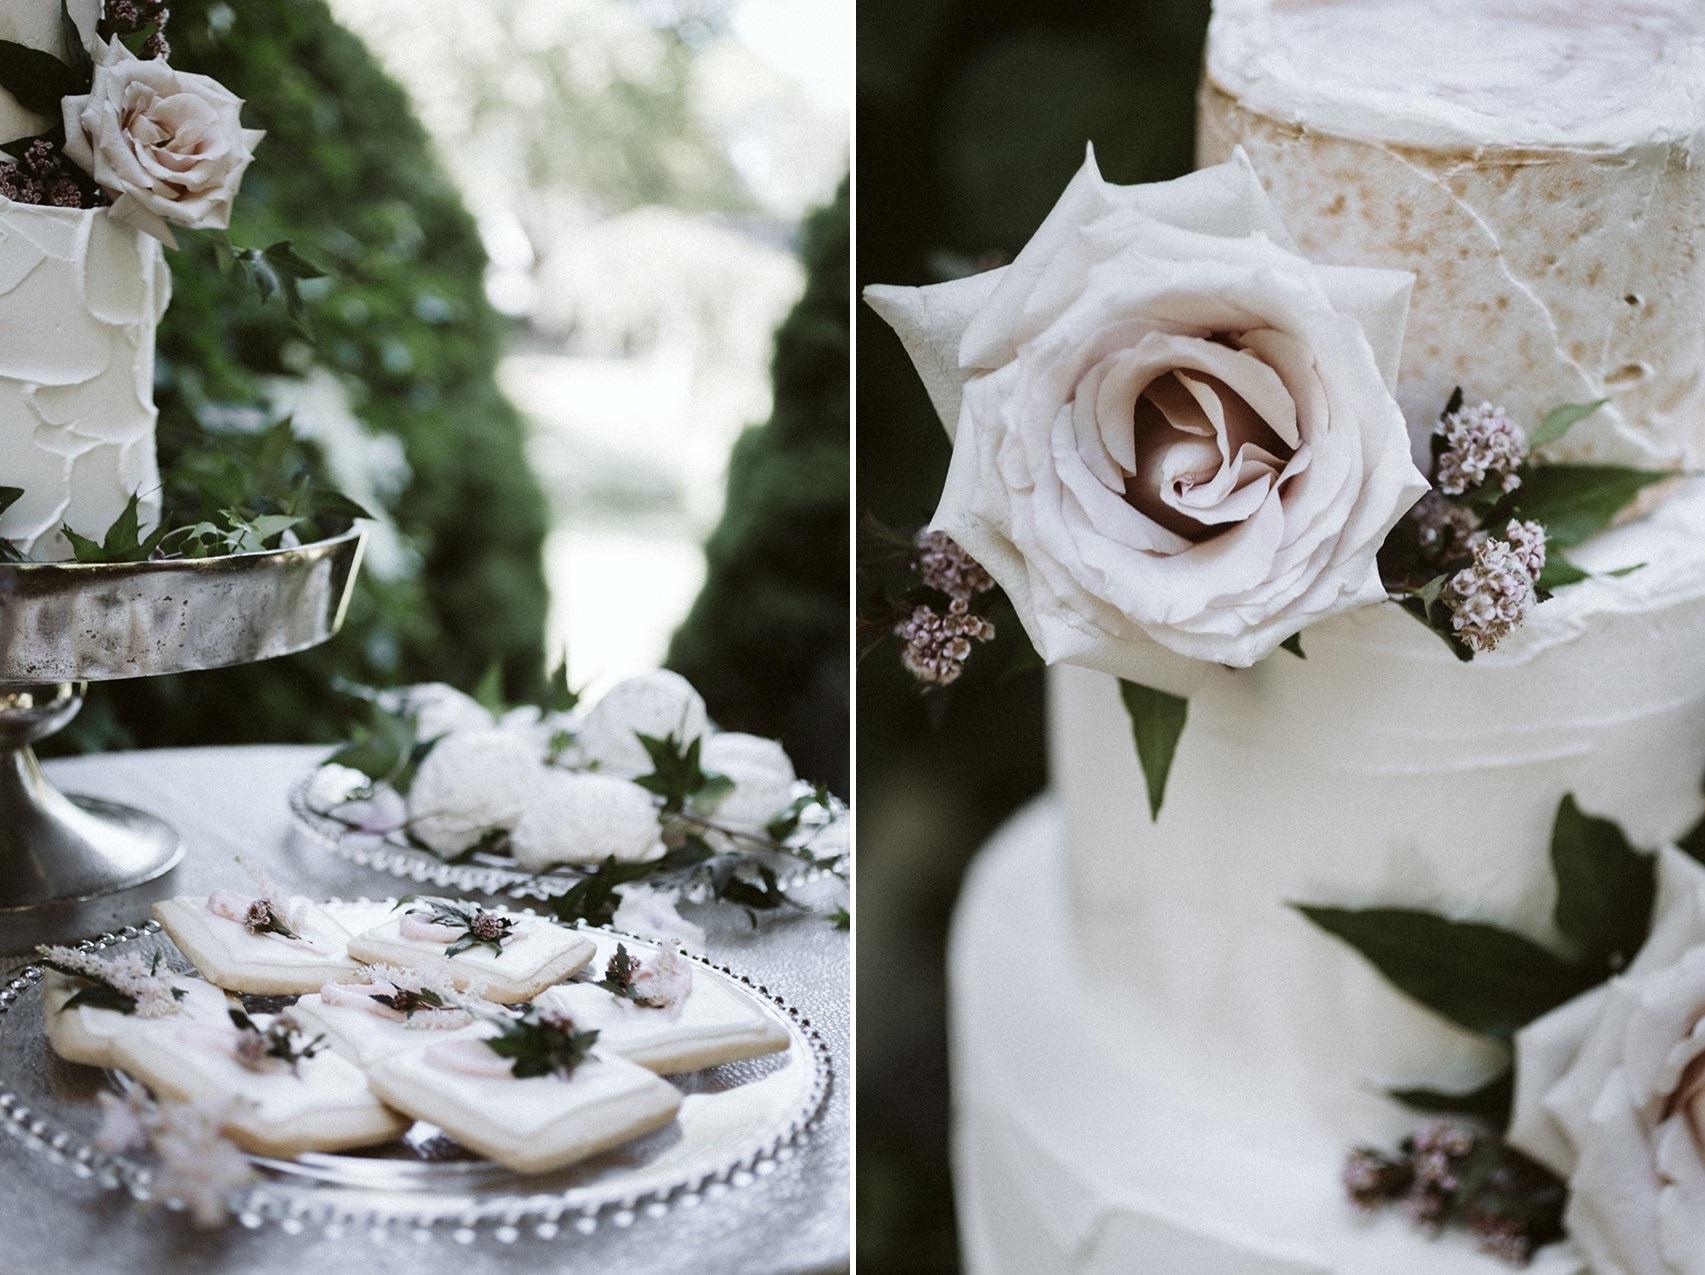 Floral Wedding Desserts